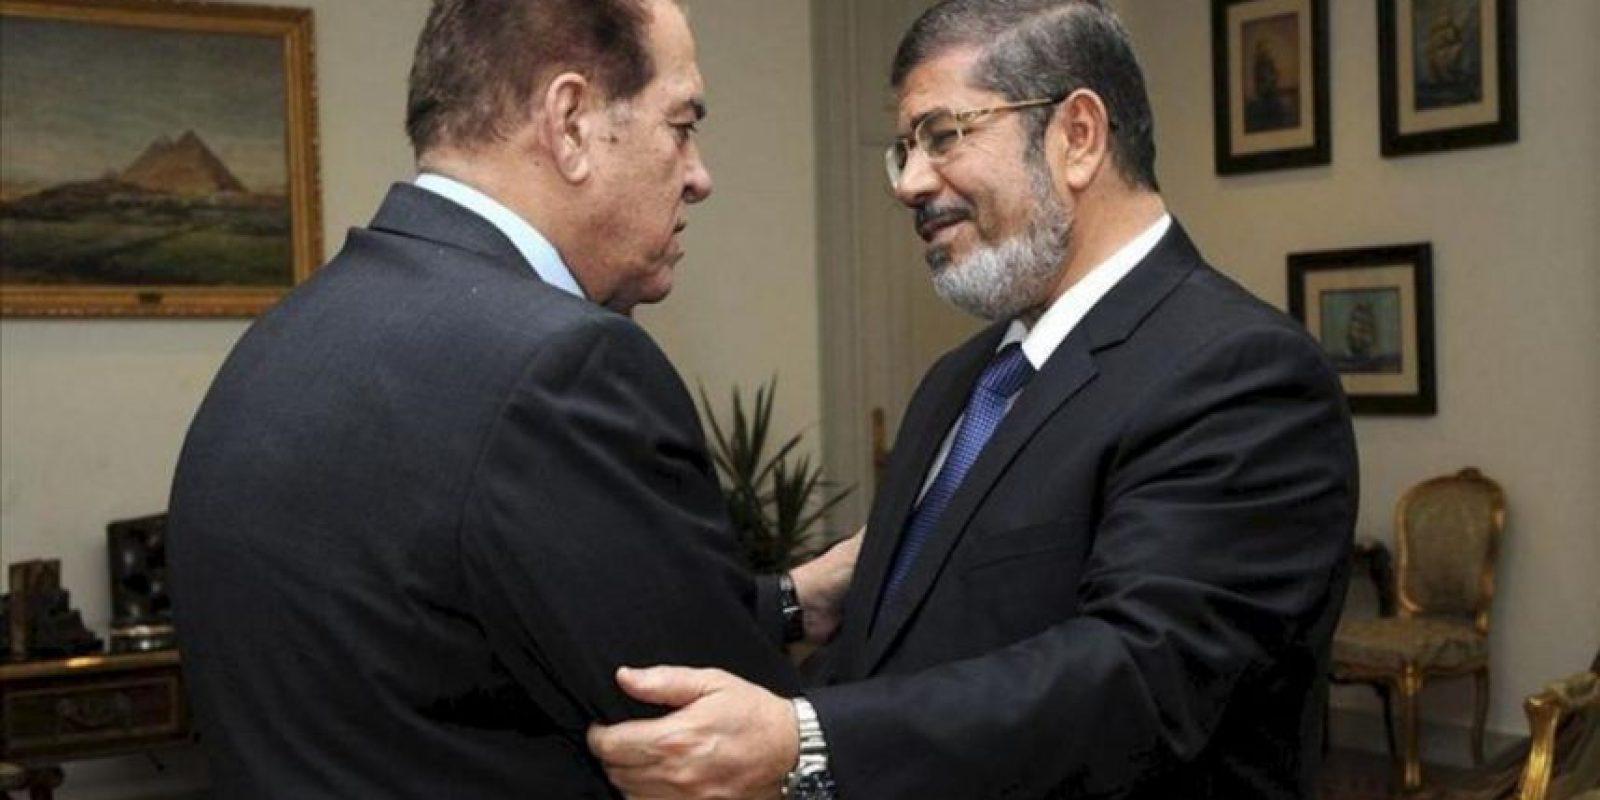 Fotografía distribuída por la Agencia de Noticias de Oriente Medio (MENA), donde muestra al presidente egipcio, Mohamed Morsi (dcha), saludando al primer ministro saliente, Kamal Ganzouri, en su despacho de la Presidencia, en El Cairo, Egipto, el 25 de junio de 2012. El islamista Mohamed Mursi jurará finalmente su cargo ante el Tribunal Constitucional Supremo, según anunció hoy un dirigente de los Hermanos Musulmanes, pese a su intención de hacerlo solo ante el Parlamento, disuelto por una orden de esa corte. EFE